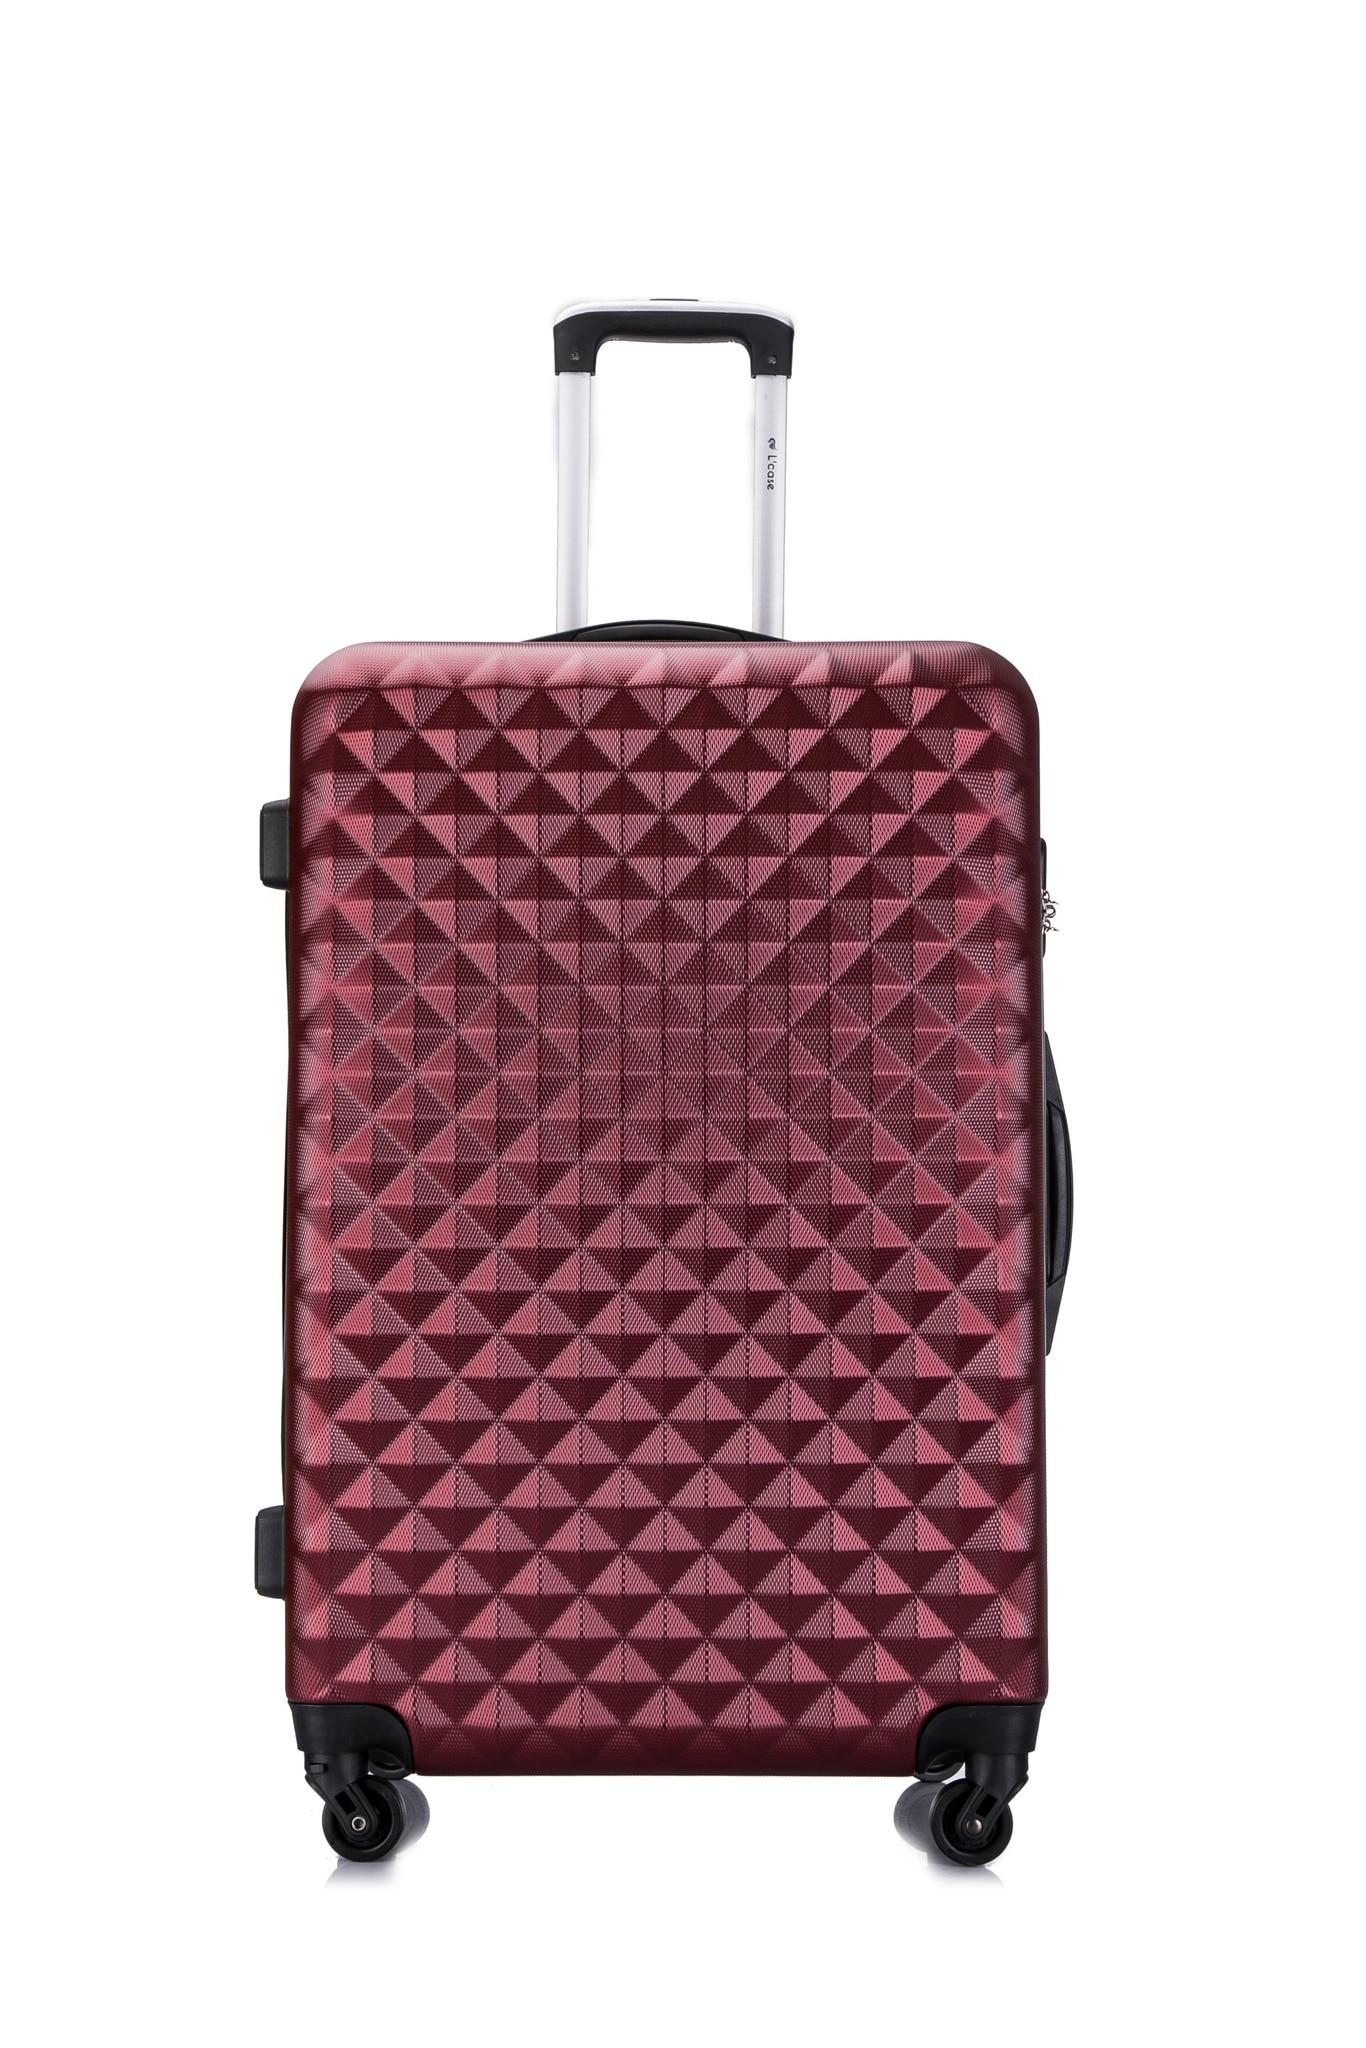 Lcase caso phatthaya mala bagagem vinho tinto cor viagem